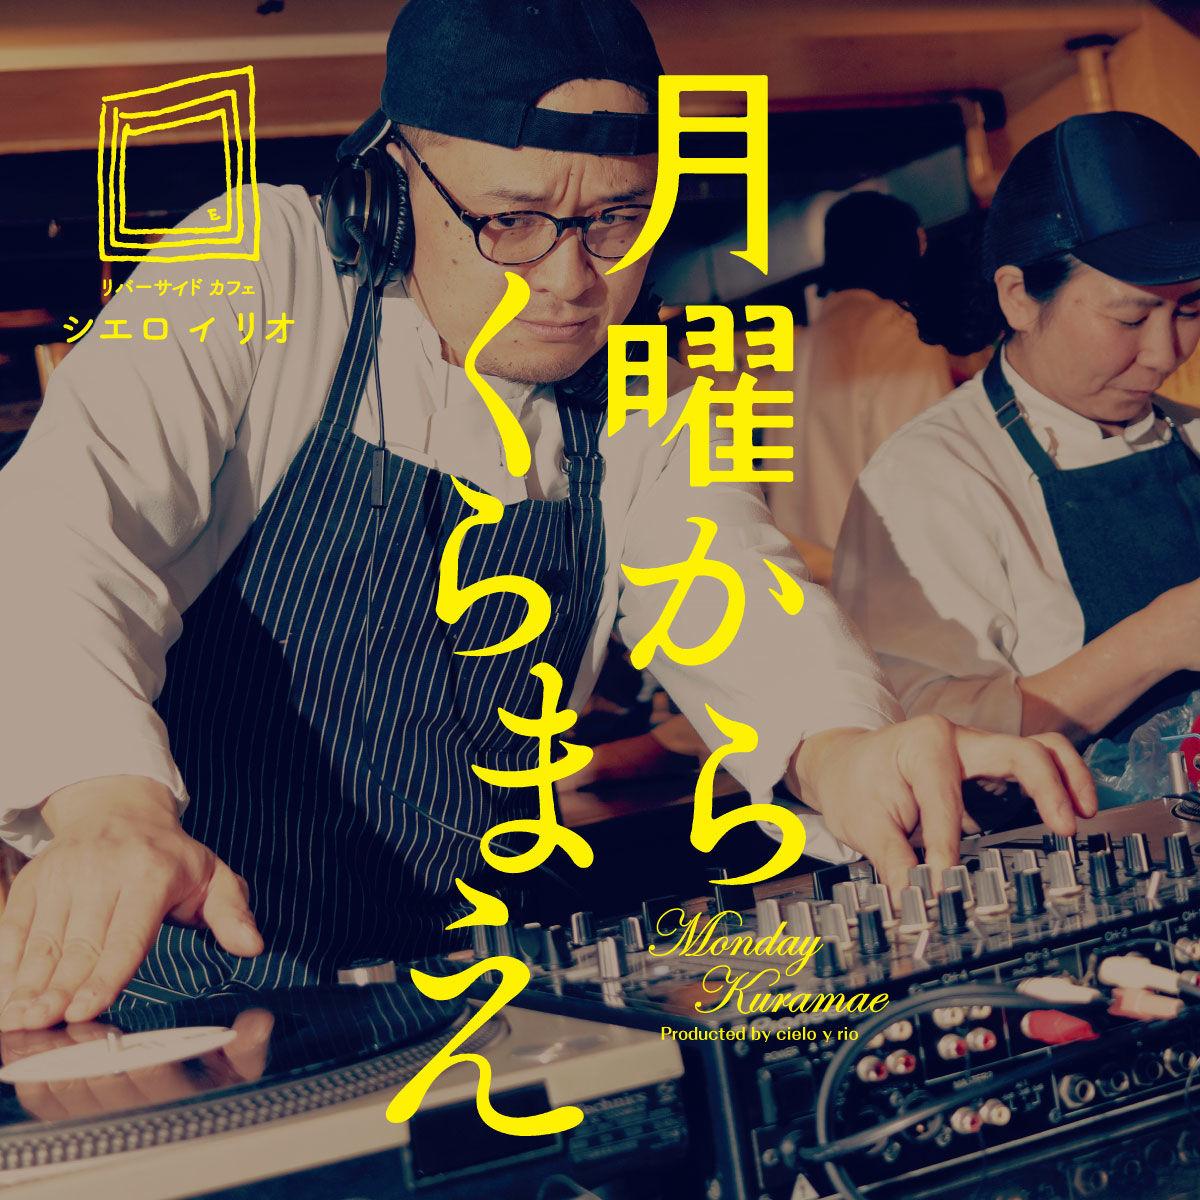 下町のカフェで生まれる マンデーミュージックナイト。